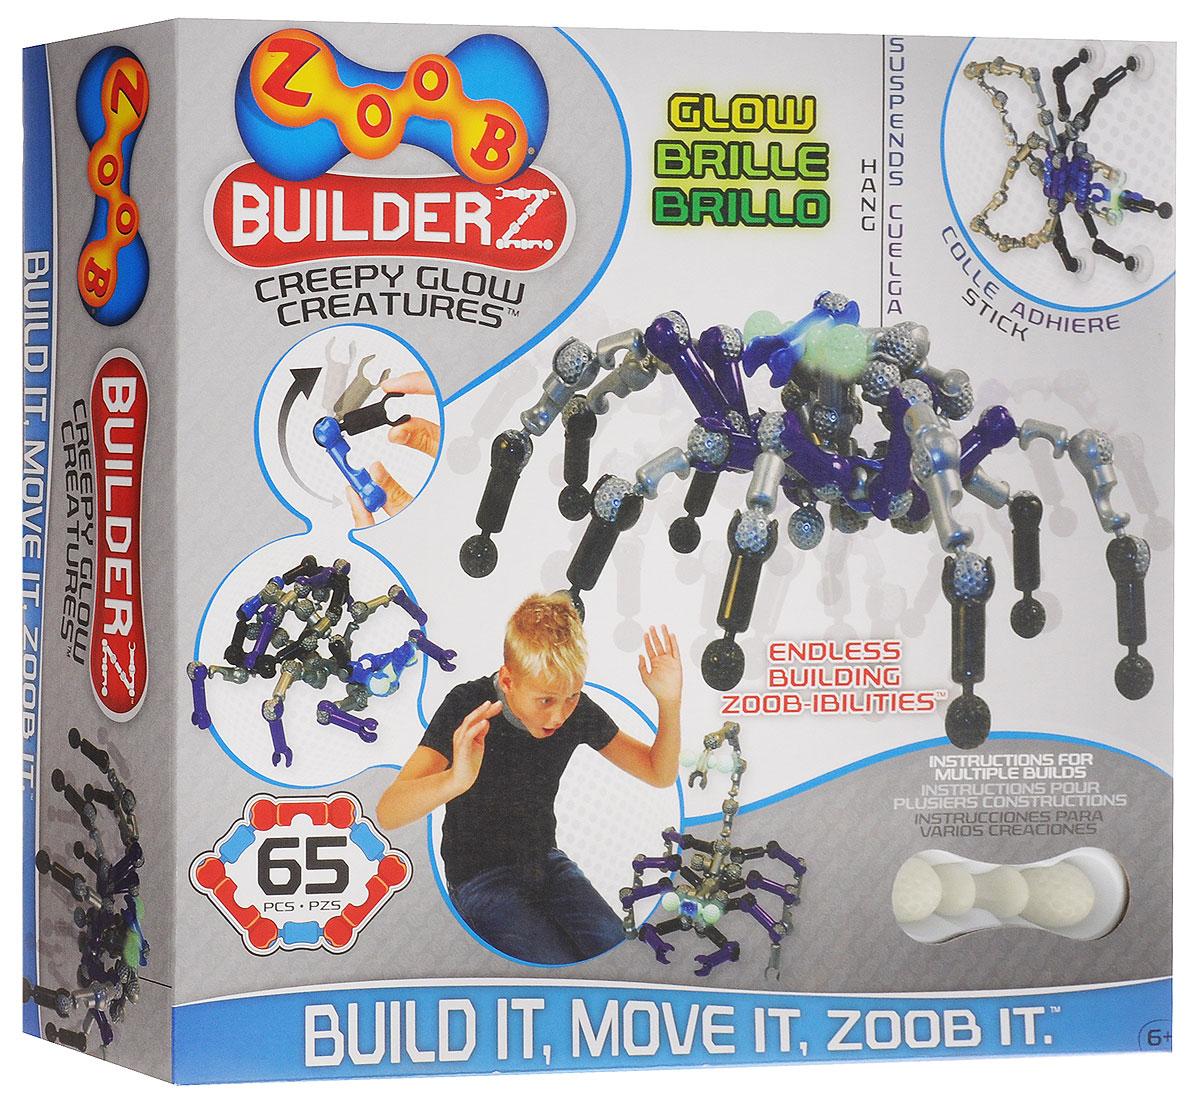 Zoob Конструктор Creepy Glow Creatures14003Они висят, они ползают, и они передвигаются по вашей стене! С пластиковым конструктором Zoob Creepy Glow Creatures вы сможете оживить самые страшные фантазии из своего воображения. Ваш дом наполнится страшными монстрами, которые будут светиться в темноте! В состав набора входят 65 элементов конструктора и инструкция по созданию 8 жутких монстров: пауков, скорпионов, крабов и др. Конструкторы Zoob рекомендованы детям с 6 лет. Данное возрастное ограничение основано на том, что пространственное мышление у ребенка, по мнению специалистов, начинает развиваться именно с этого возраста. Во всех наборах Zoob содержатся 5 видов пластиковых деталей необычной формы. Они соединяются между собой 20-ю различными способами. Соединения деталей могут быть как неподвижными, так и подвижными. При подвижном соединении детали конструктора, защелкиваясь, образуют подобие суставов. Поэтому ребенок может не только собирать конструктор, но играть с ним после, как с обычной игрушкой. Собирать...